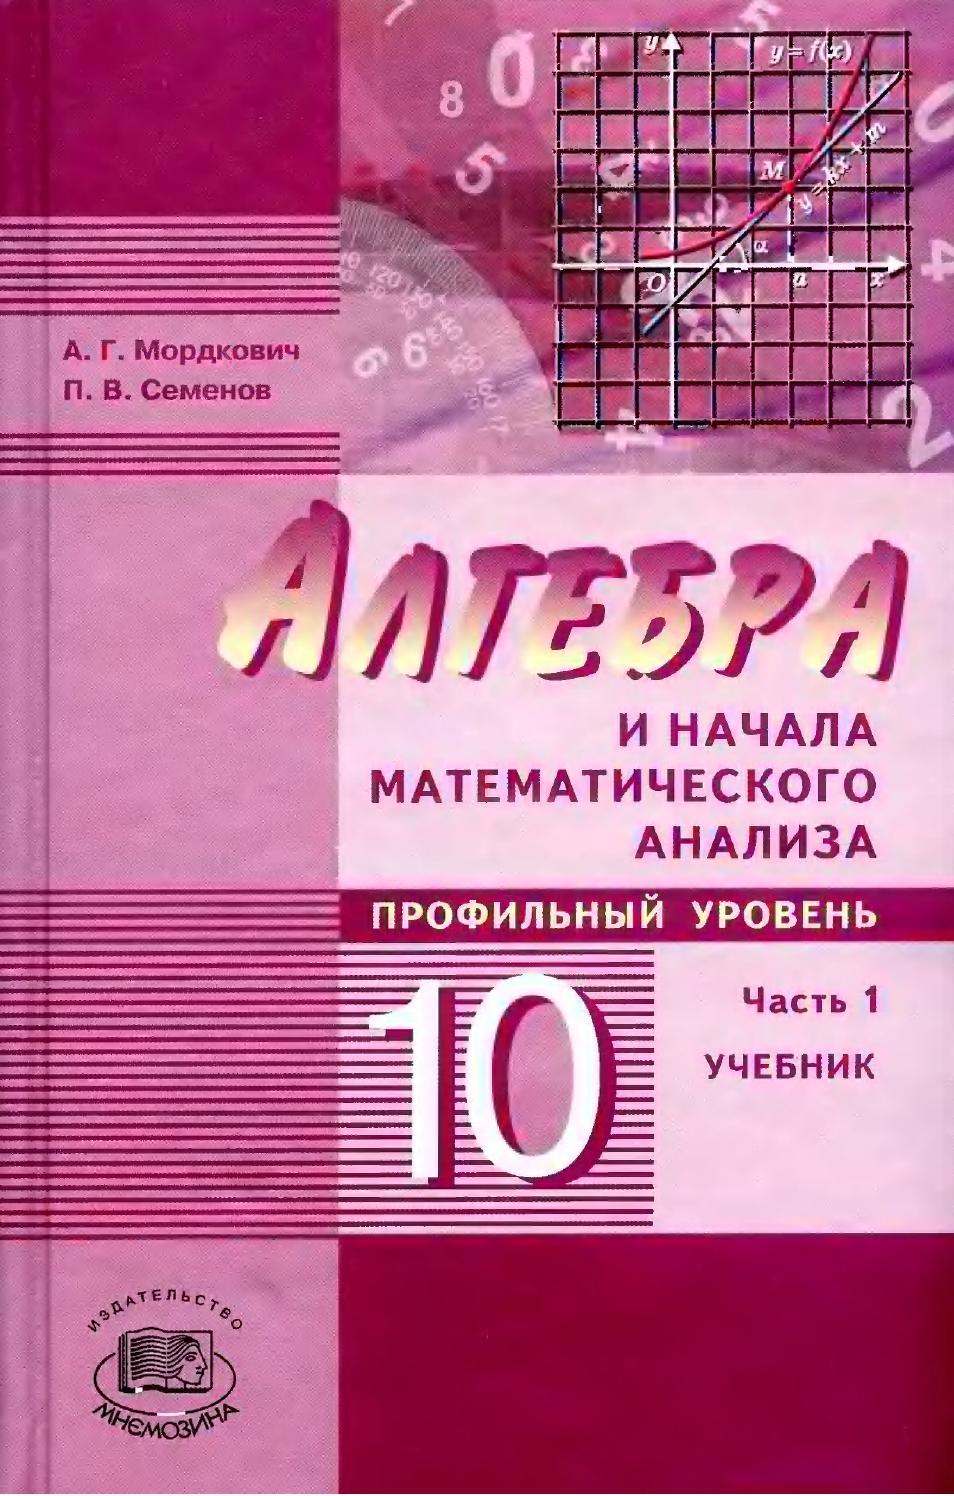 мордкович учебник и задачник профильный уровень